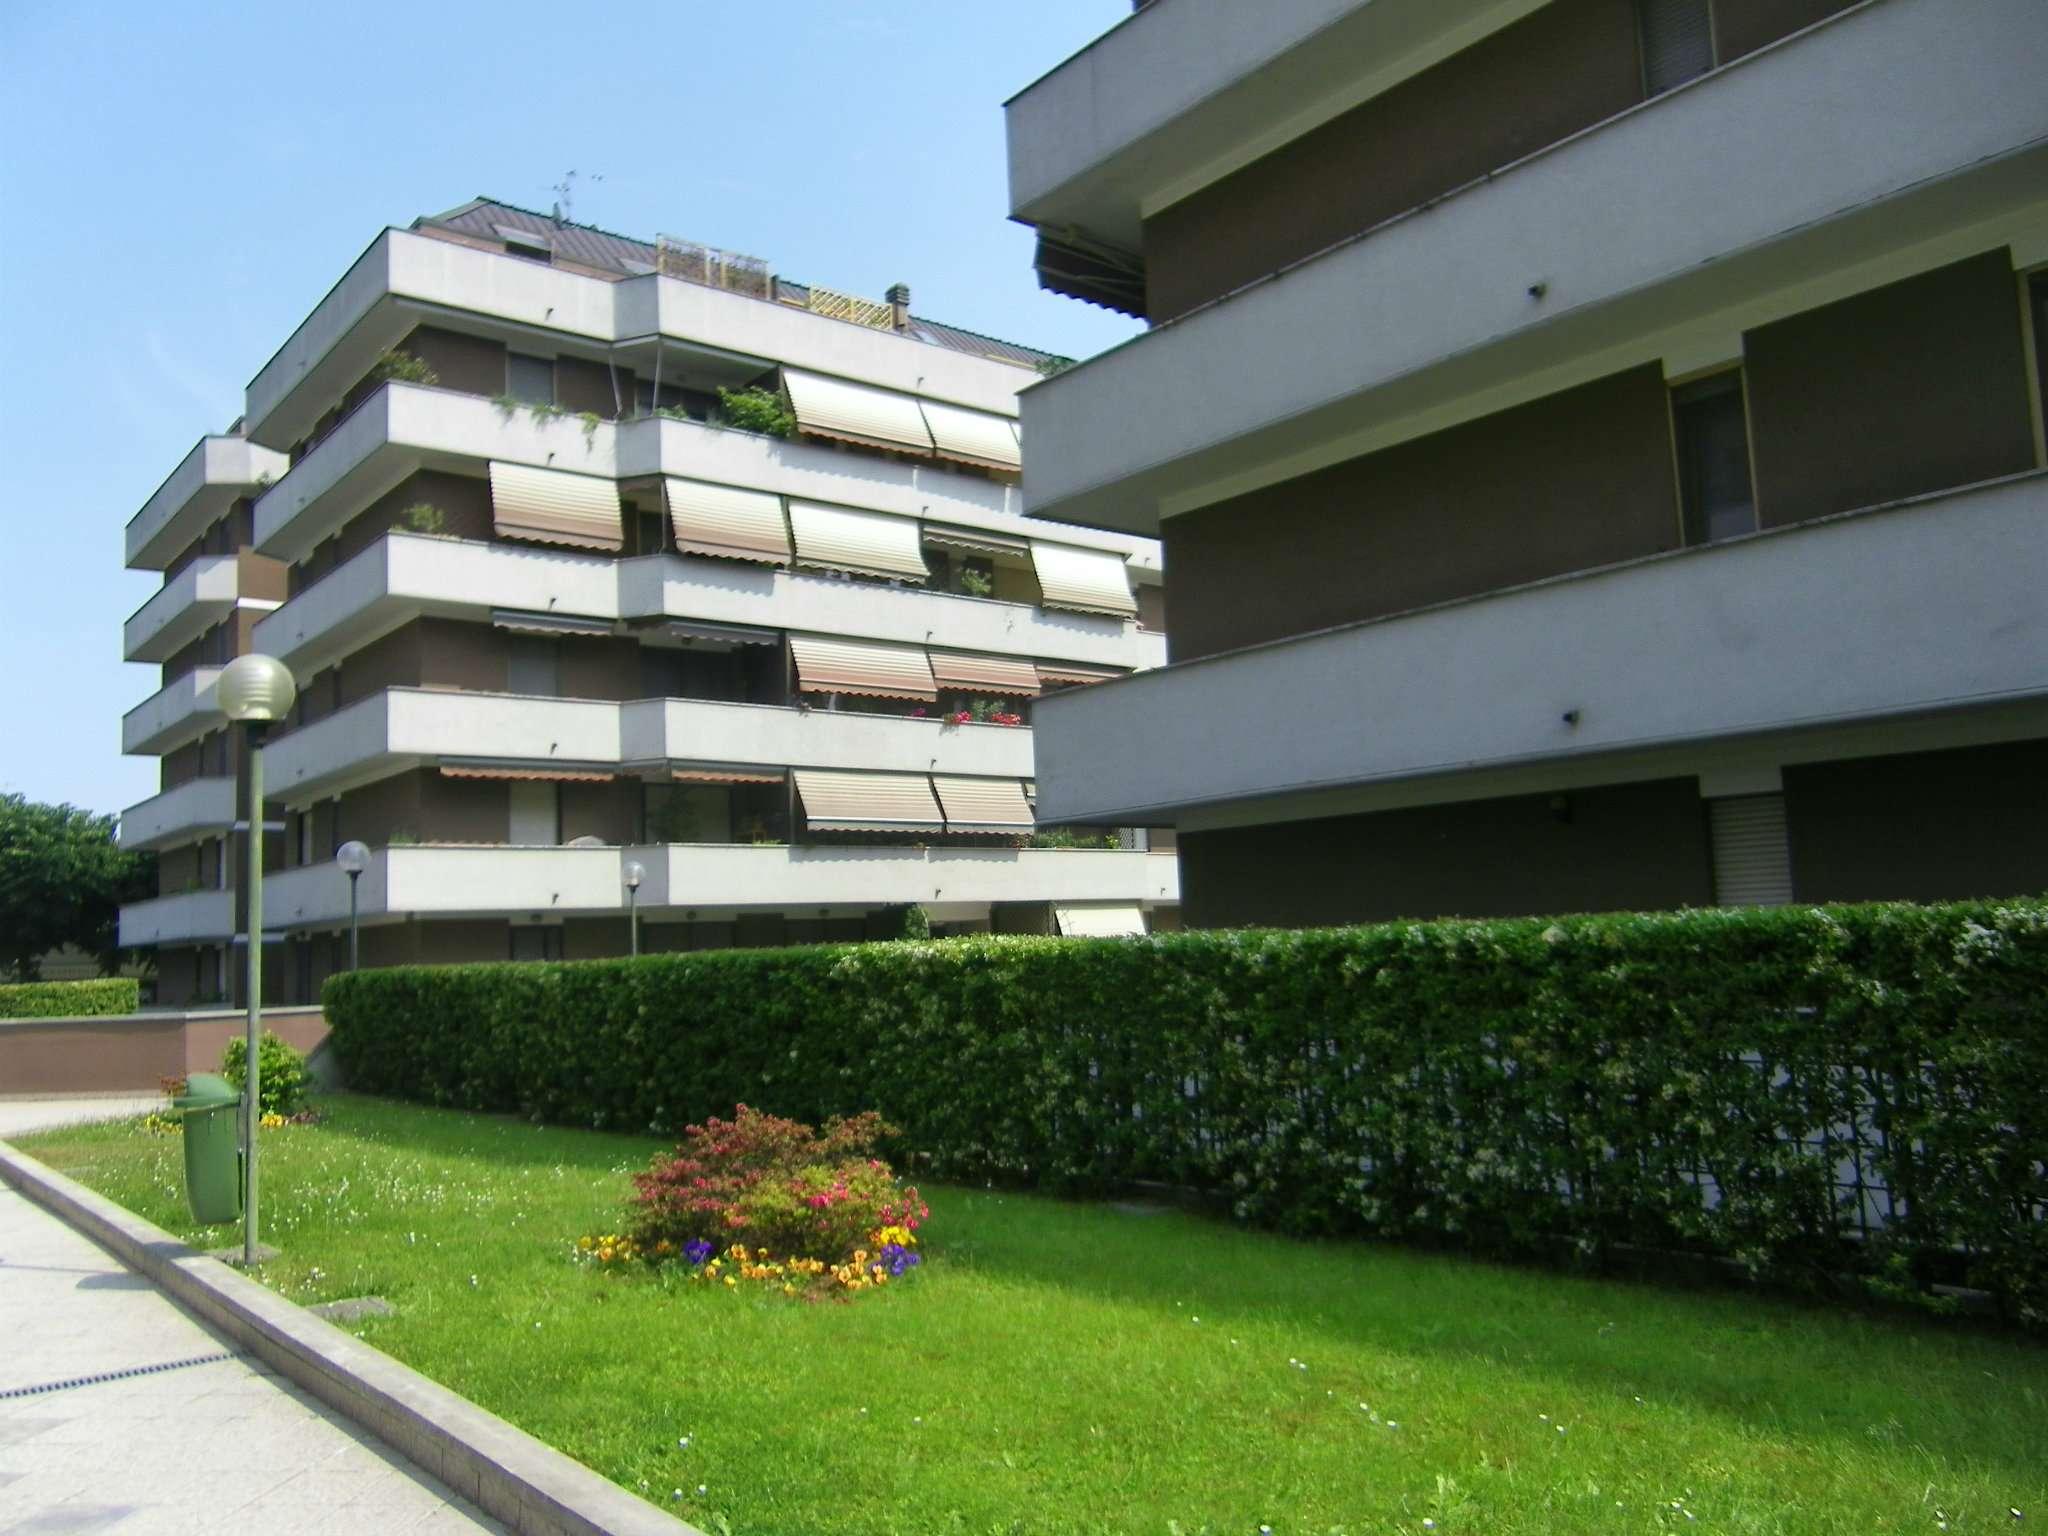 Appartamento in vendita a Peschiera Borromeo, 3 locali, prezzo € 200.000 | Cambio Casa.it